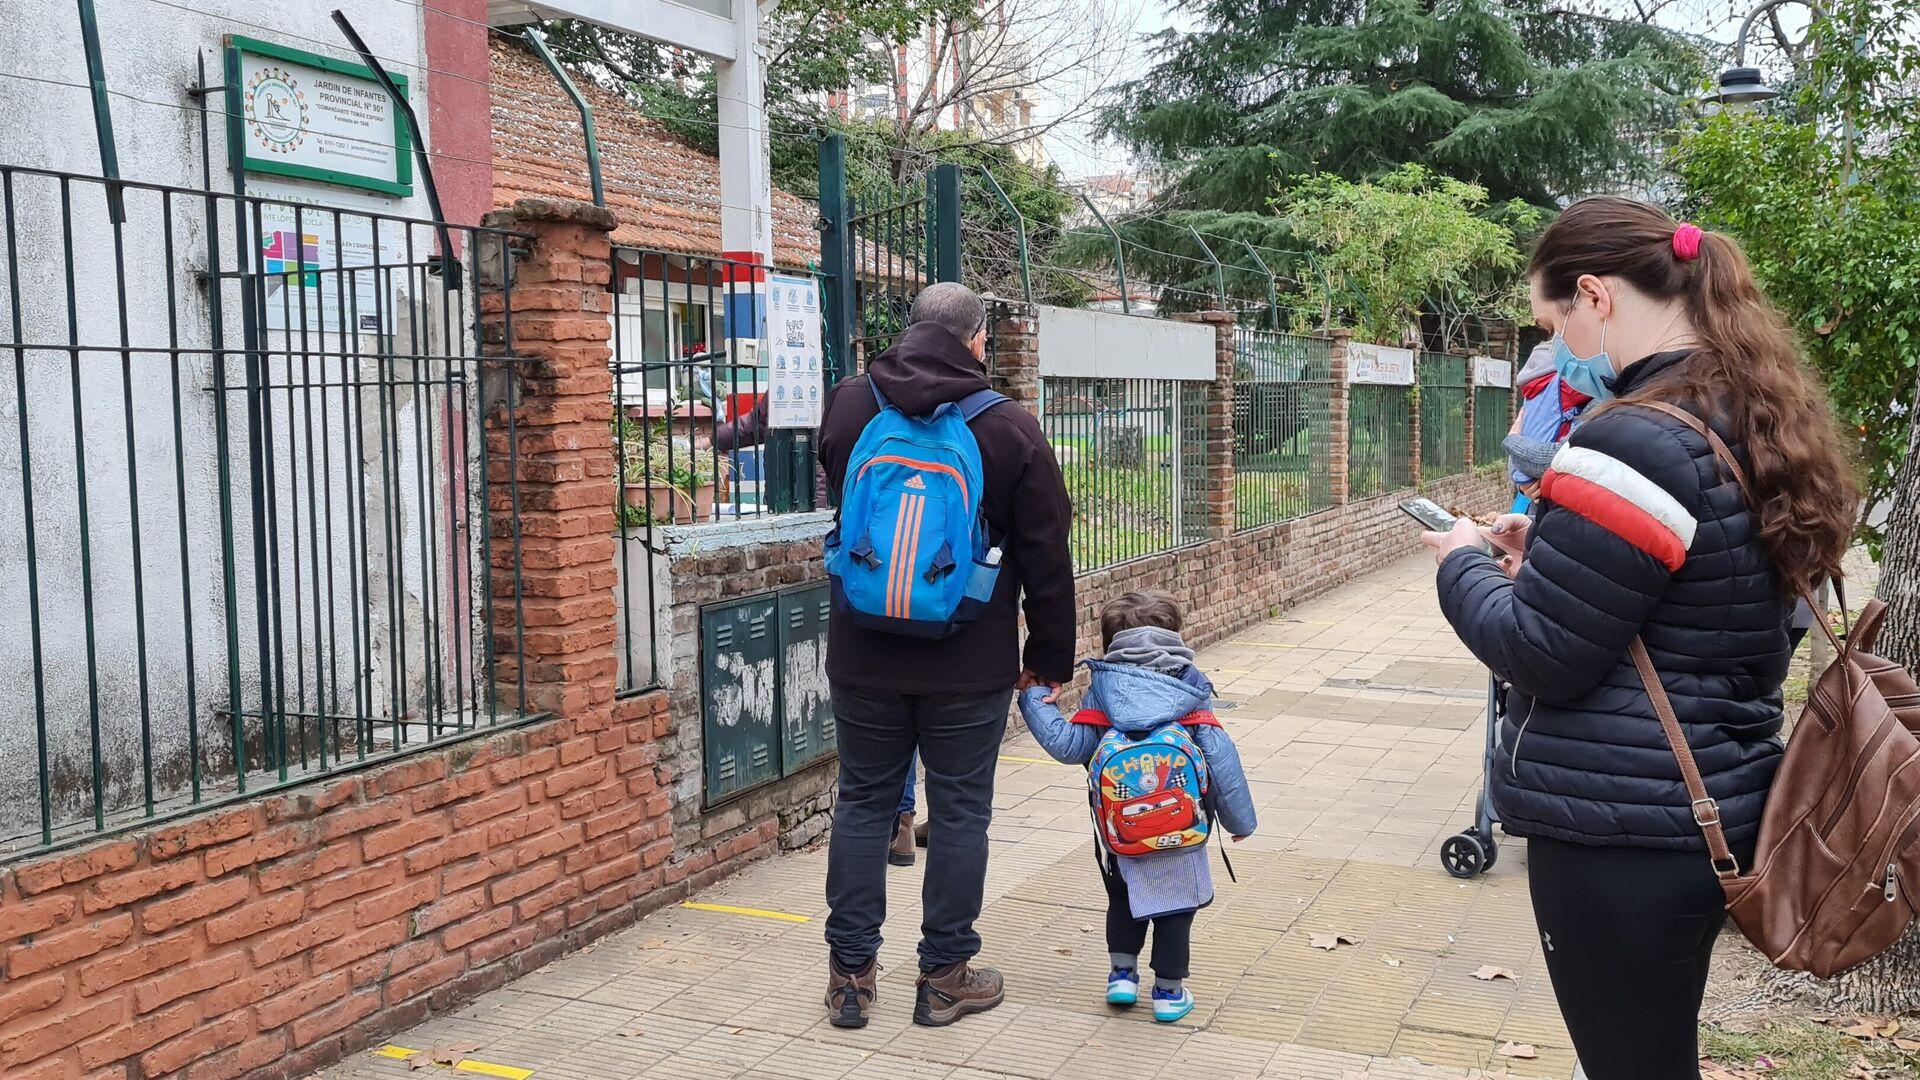 3,5 millones de chicos de la zona más poblada de Argentina volvieron a las aulas, con estricto protocolo - Sputnik Mundo, 1920, 16.06.2021